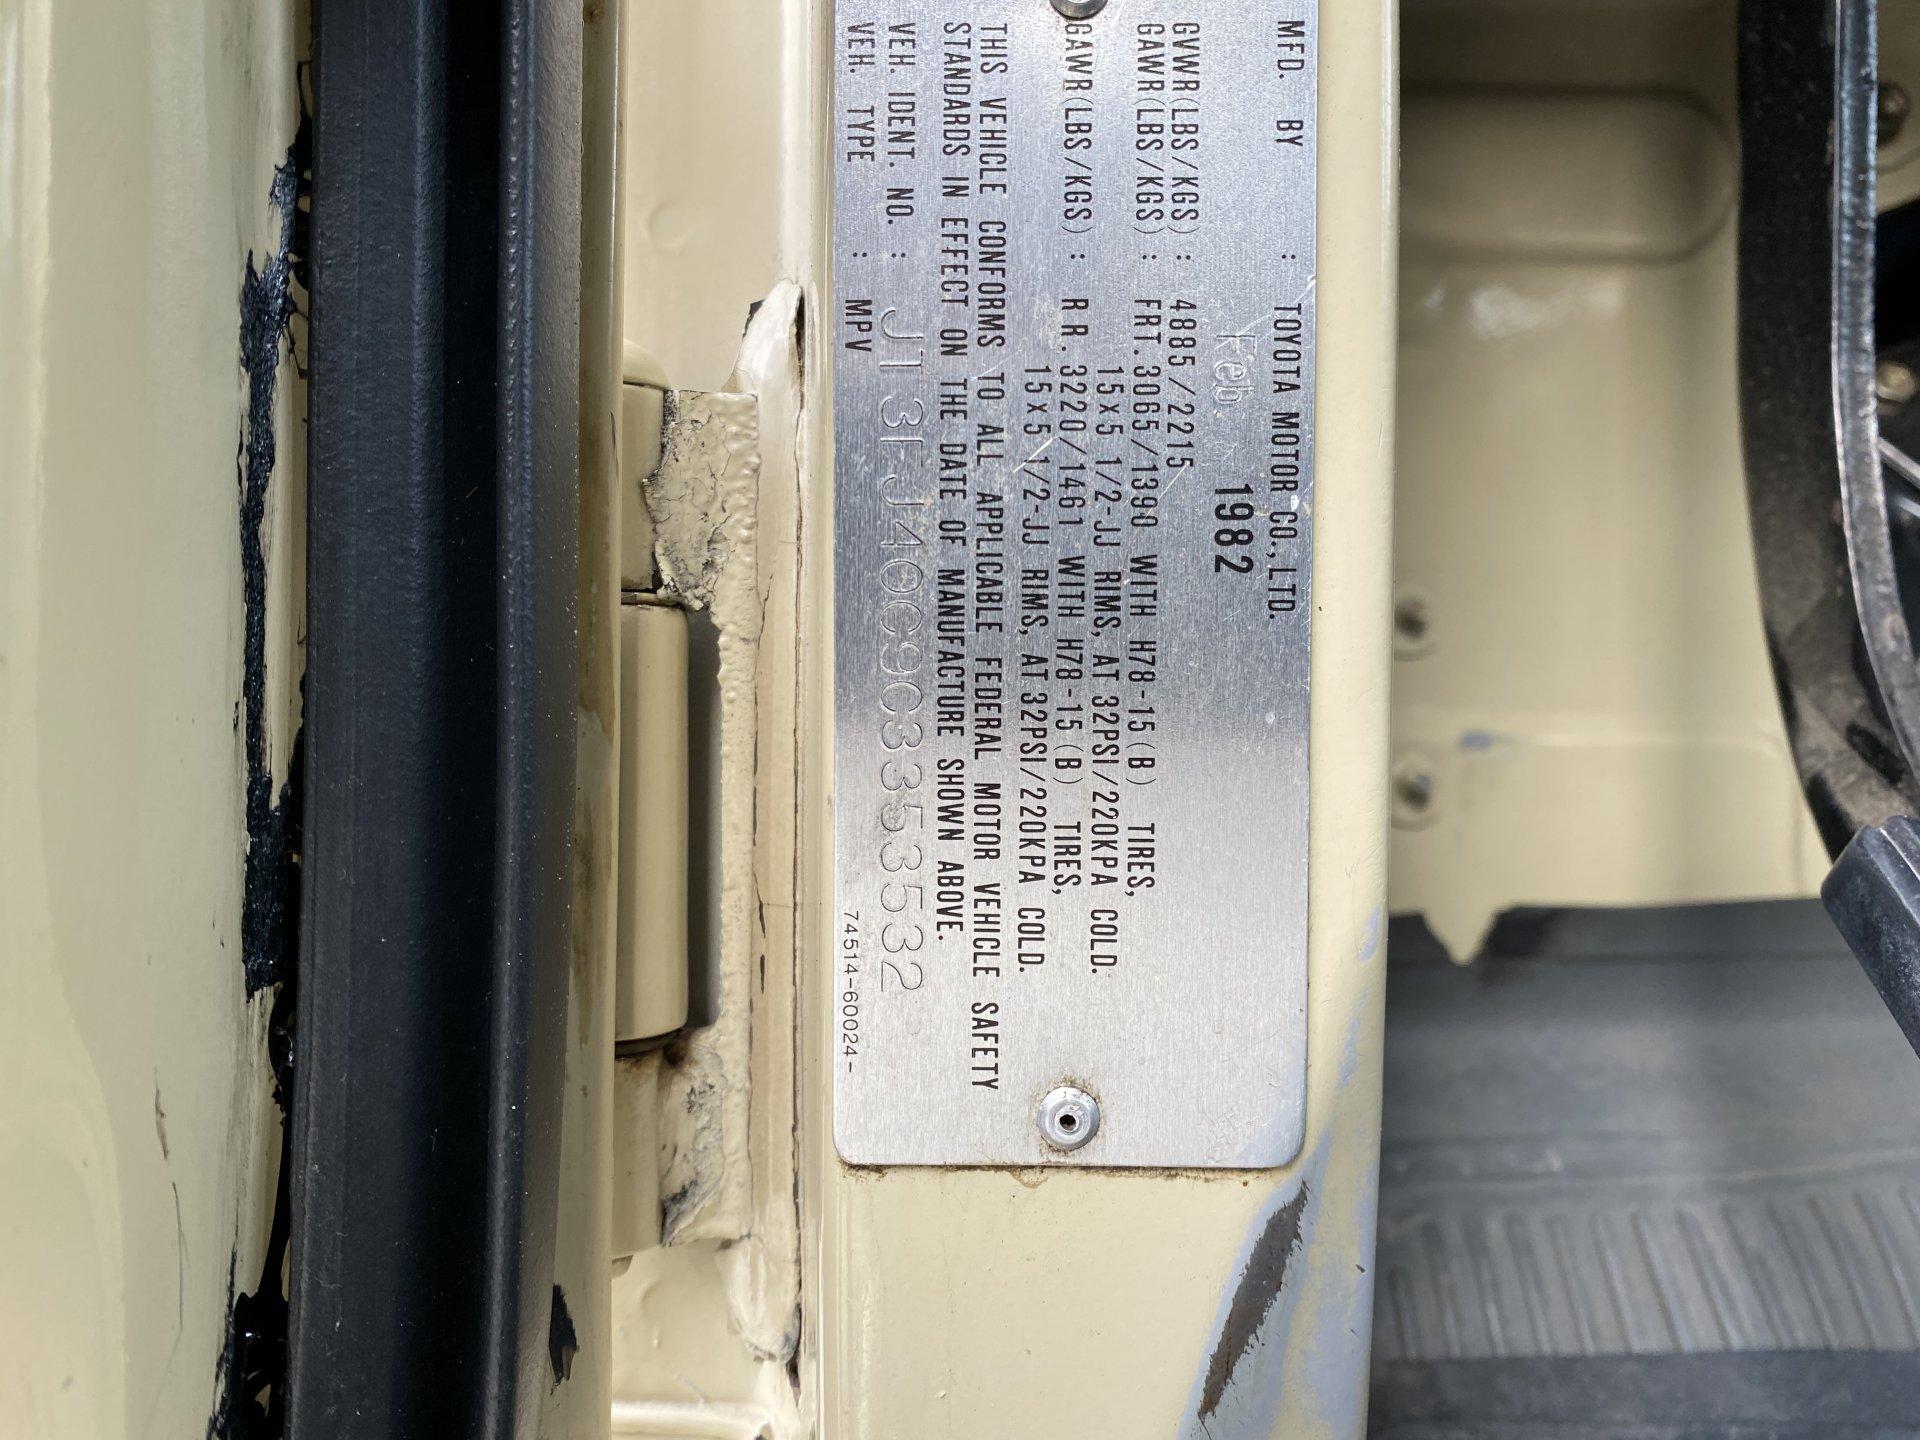 A384CF70-7B55-43A9-9204-26E8441D05F8.jpeg